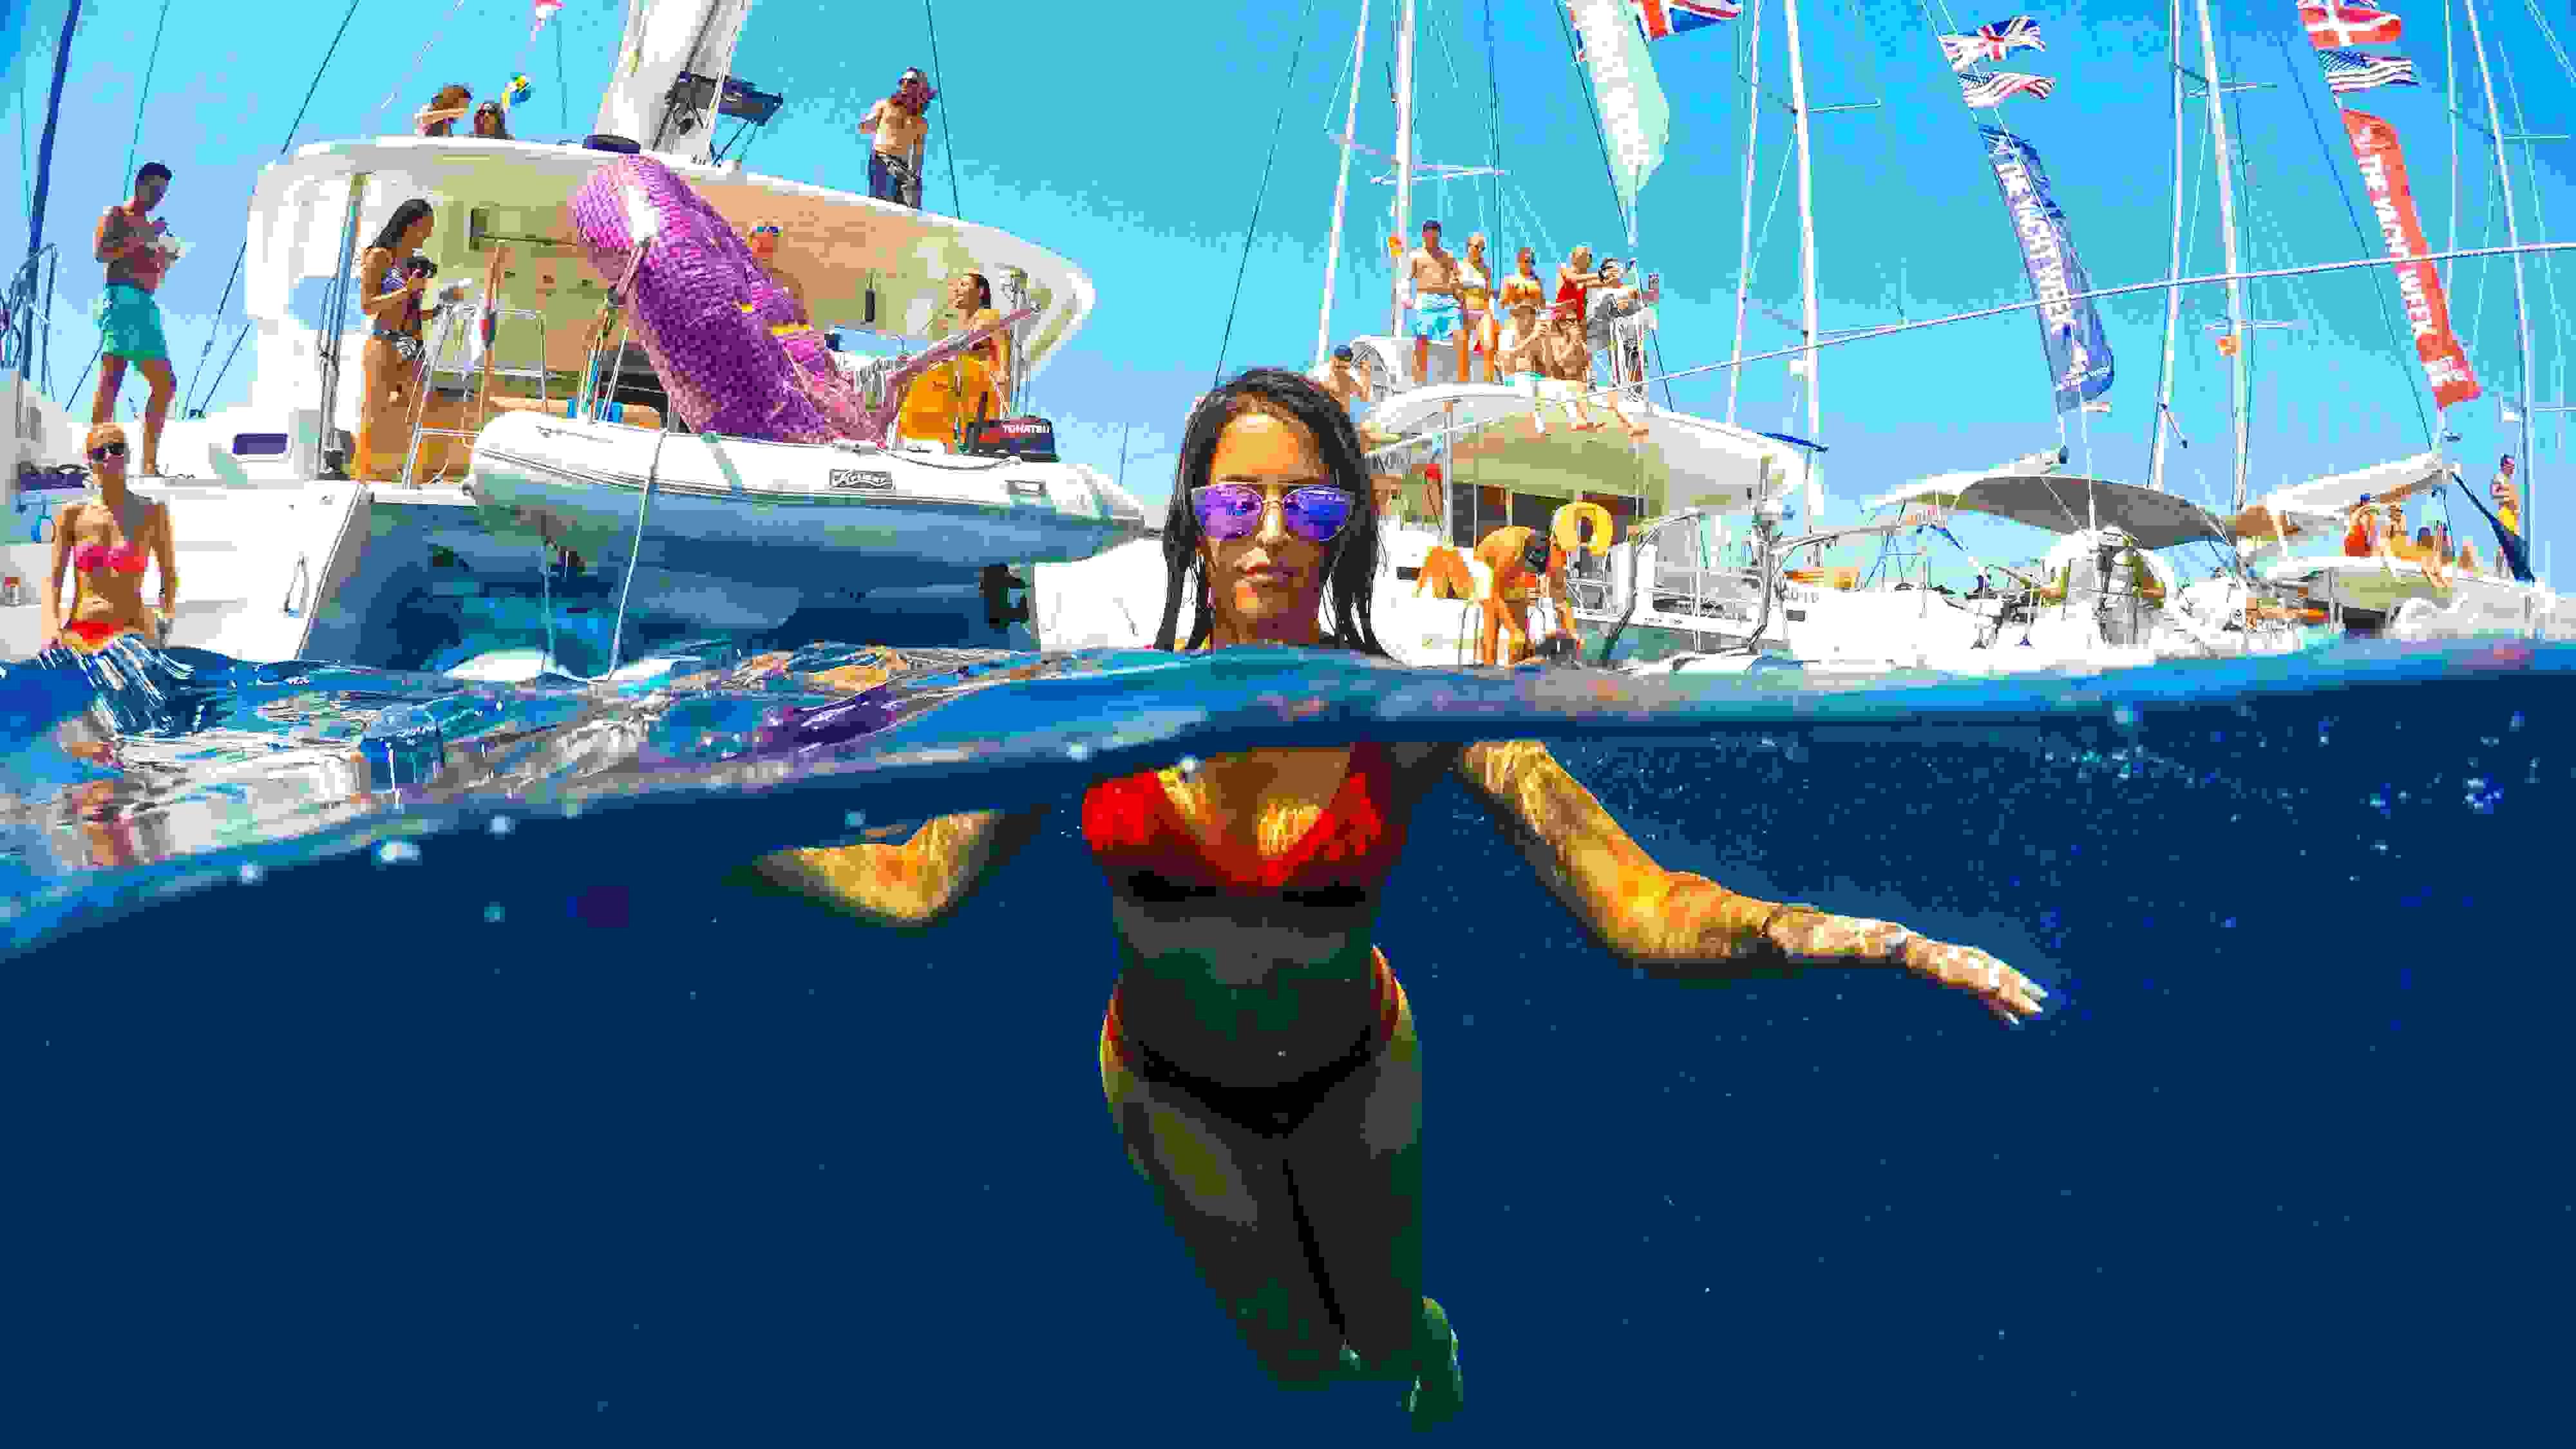 Έρχεται ξανά το Boat Party στην Κεφαλονιά